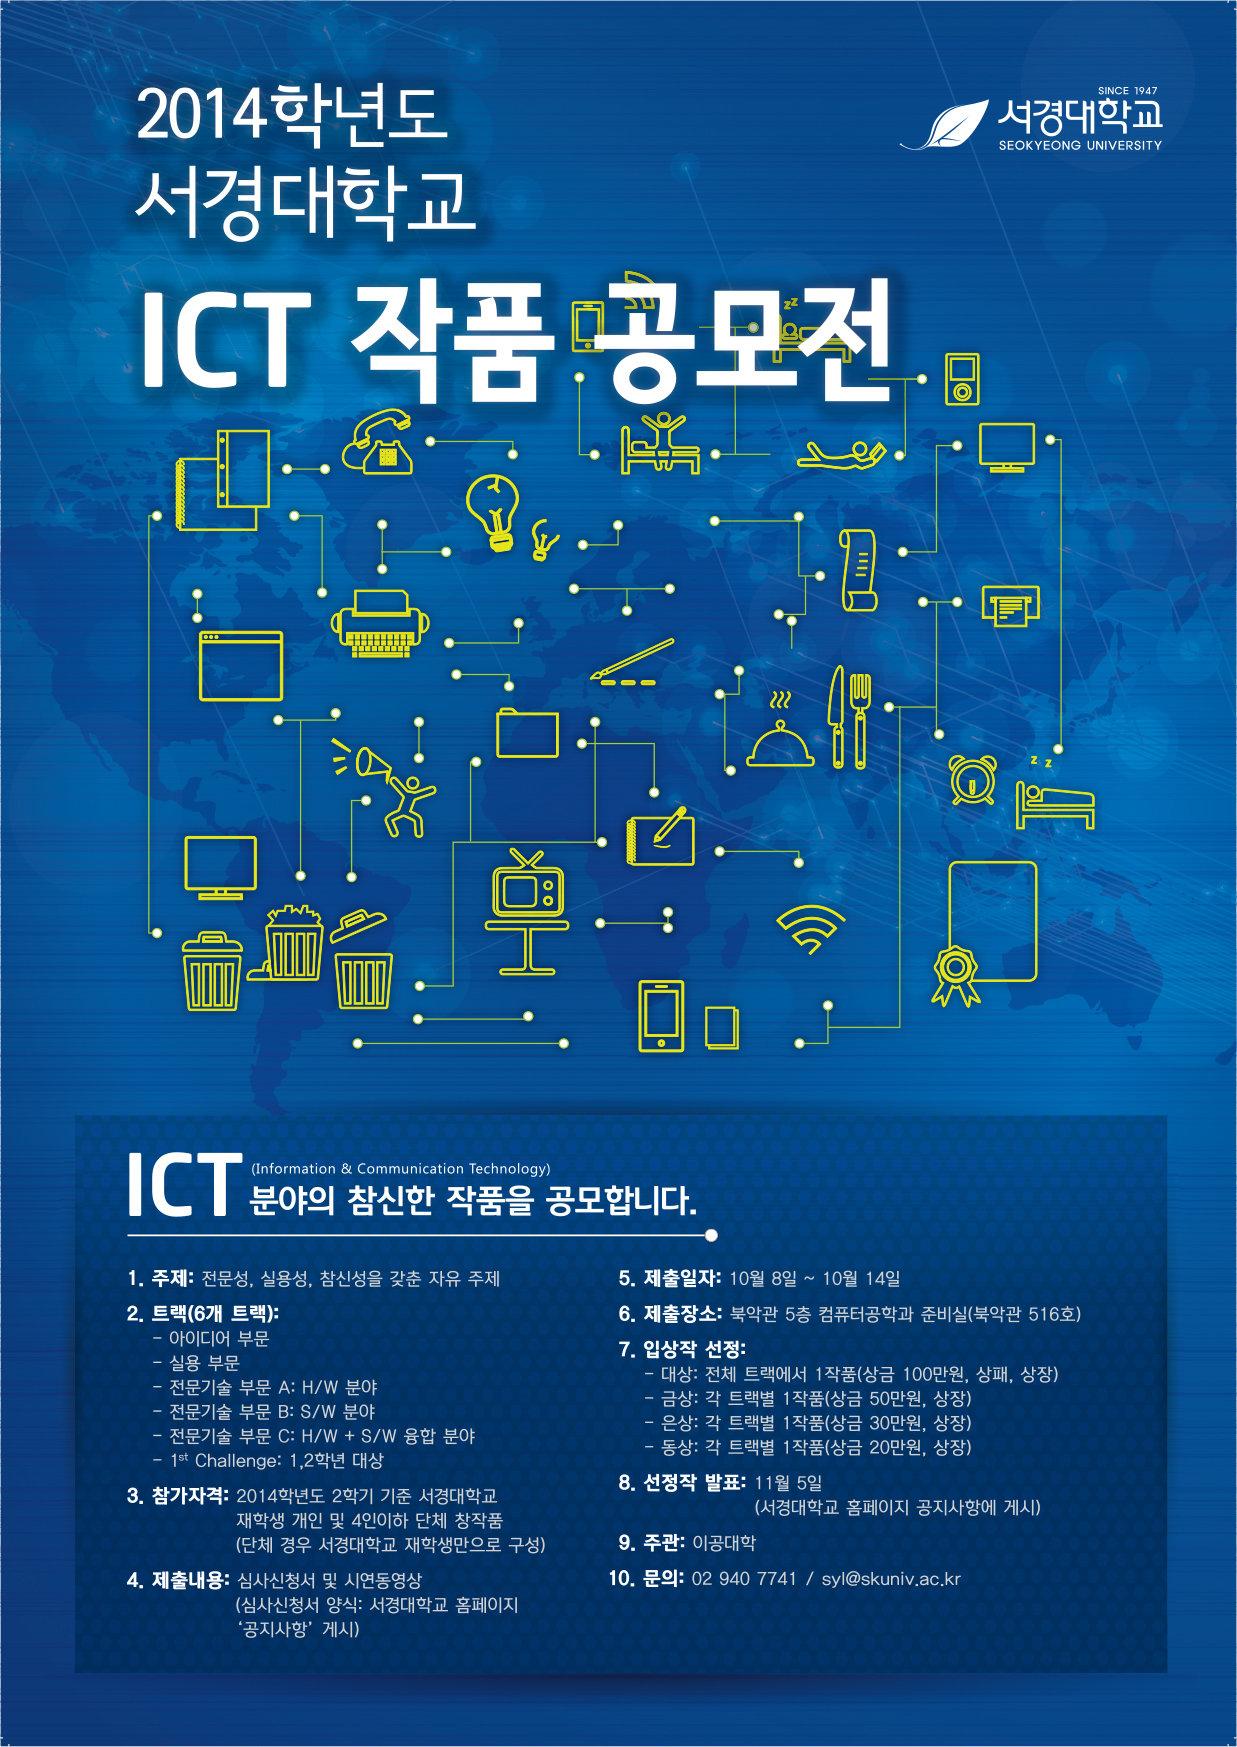 2014-6-16_서경대 이공대 공모전 포스터_out_출력용!!.jpg